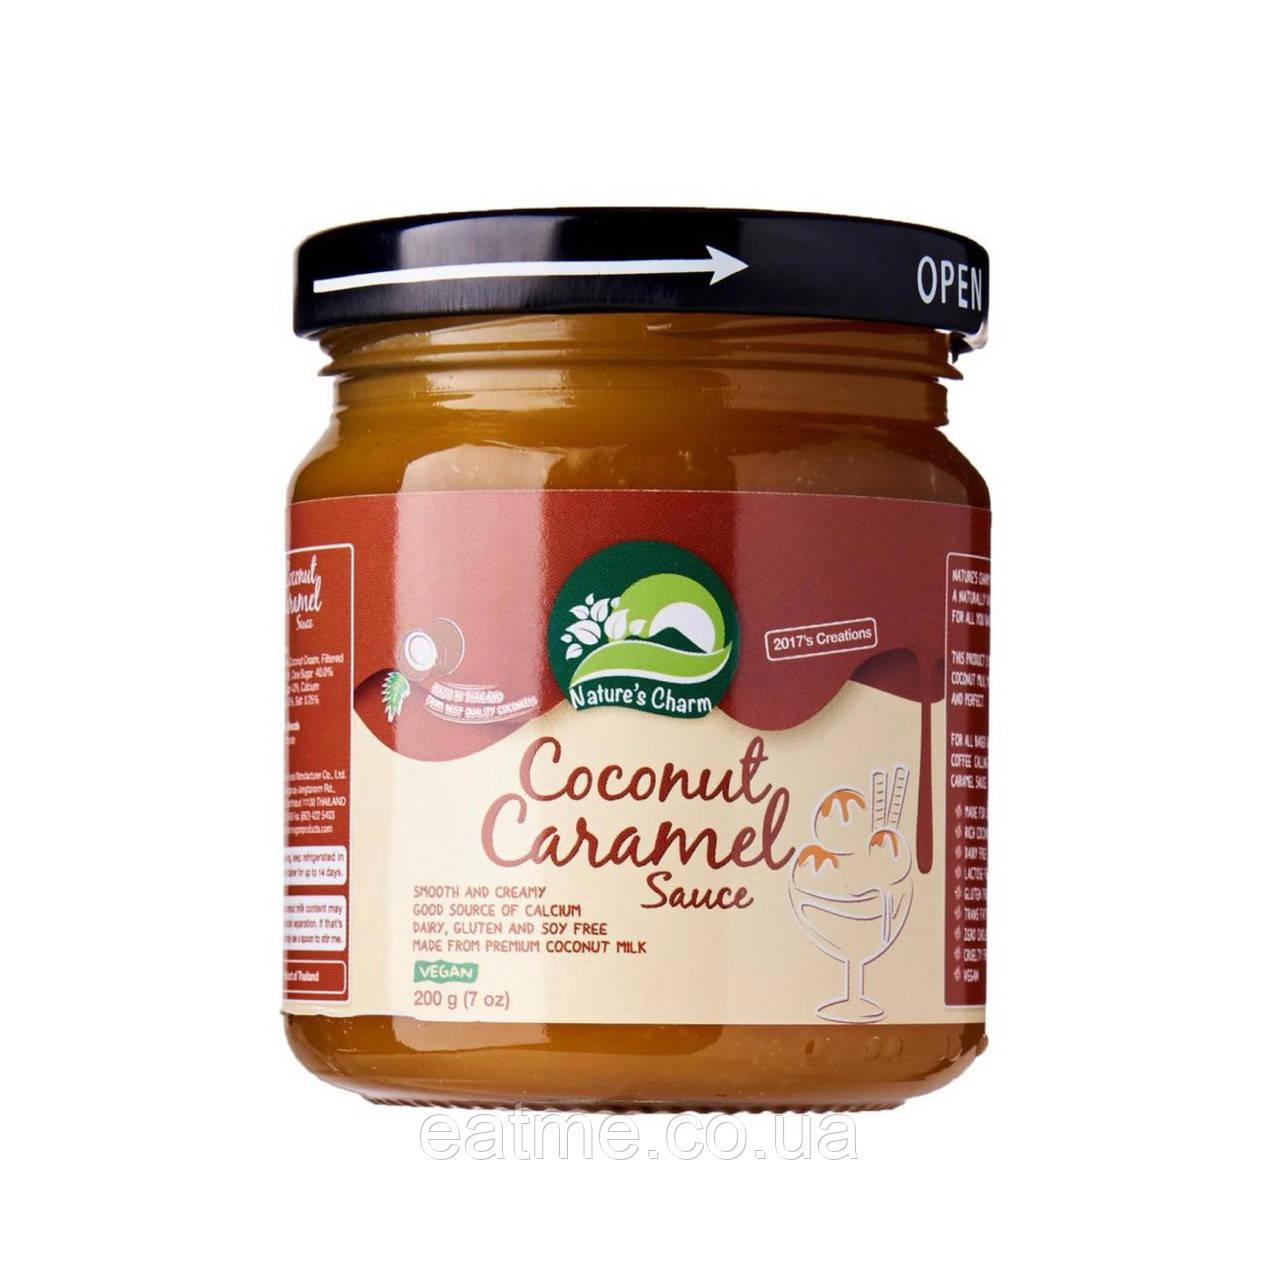 Nature's Charm Кокосовый карамельный соус